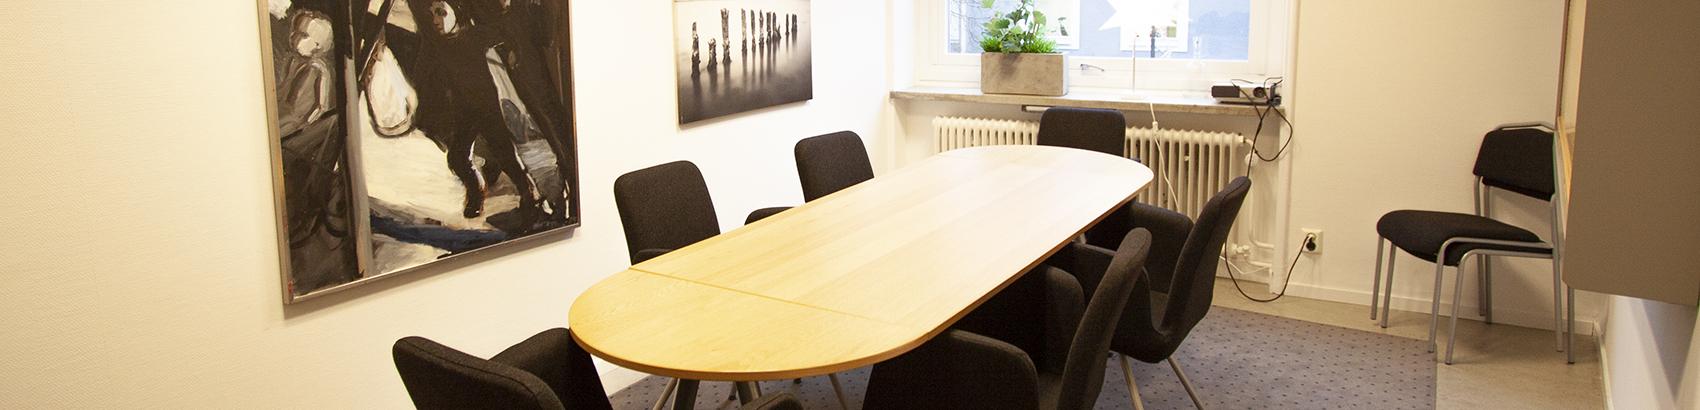 konferens och mötesrum i lokalen